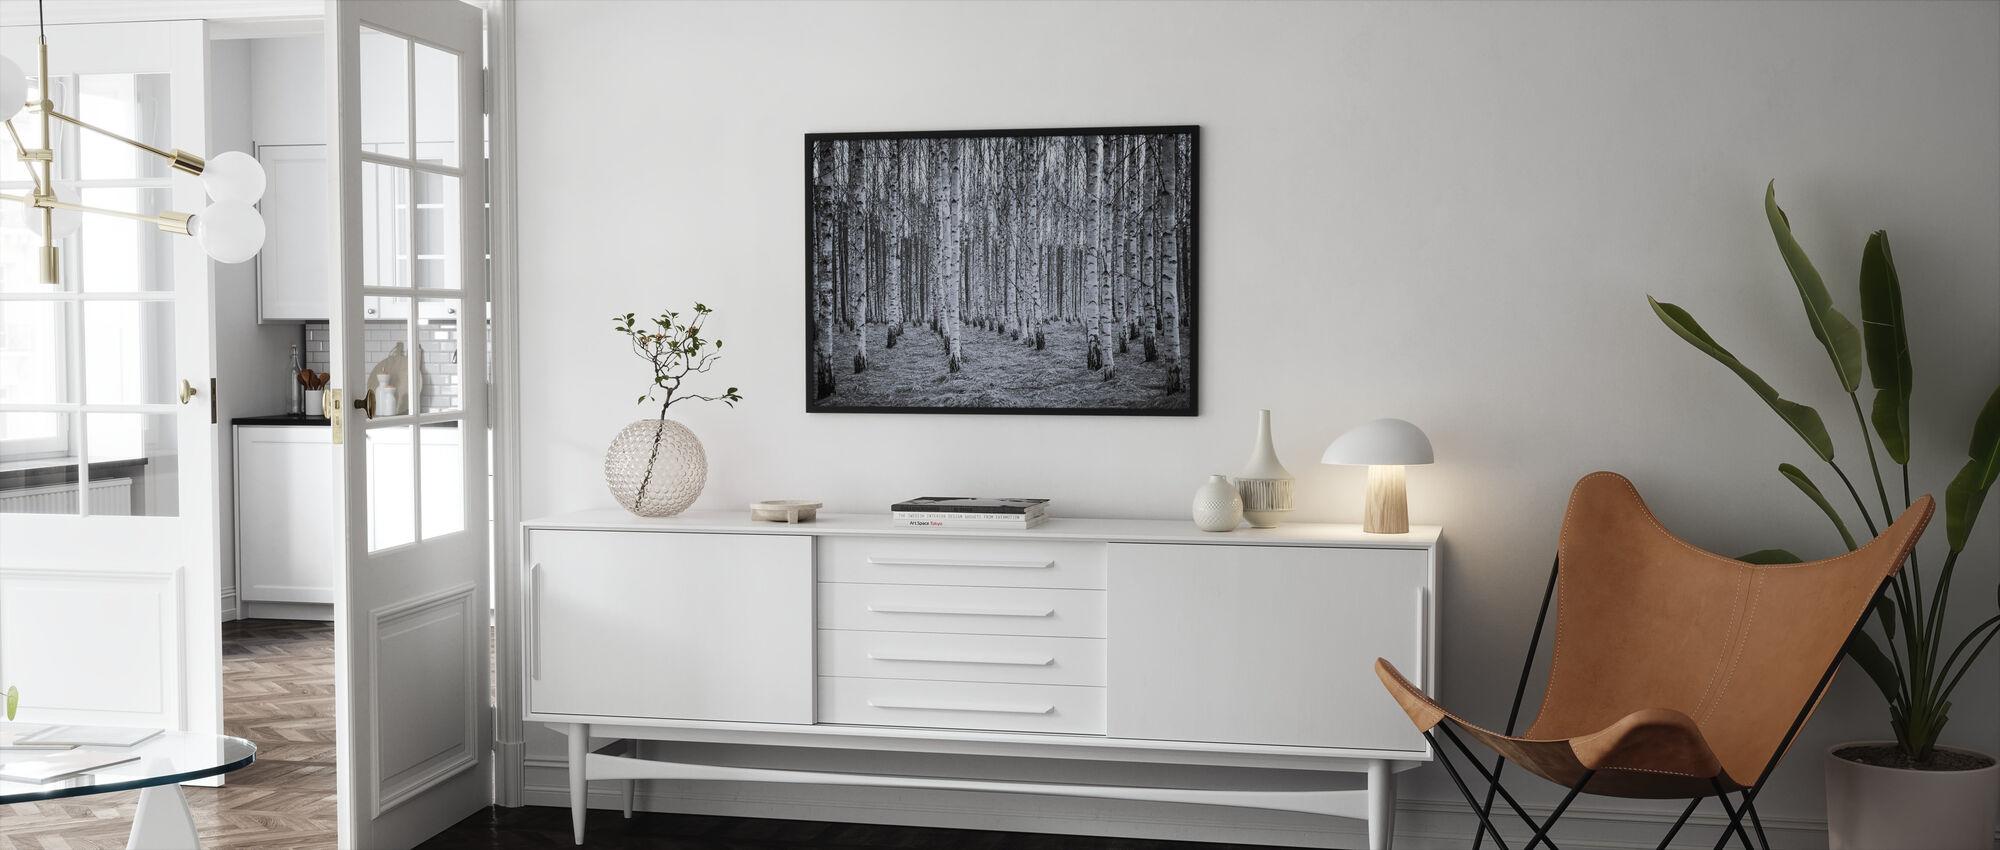 Birch Forest Black & White - Framed print - Living Room